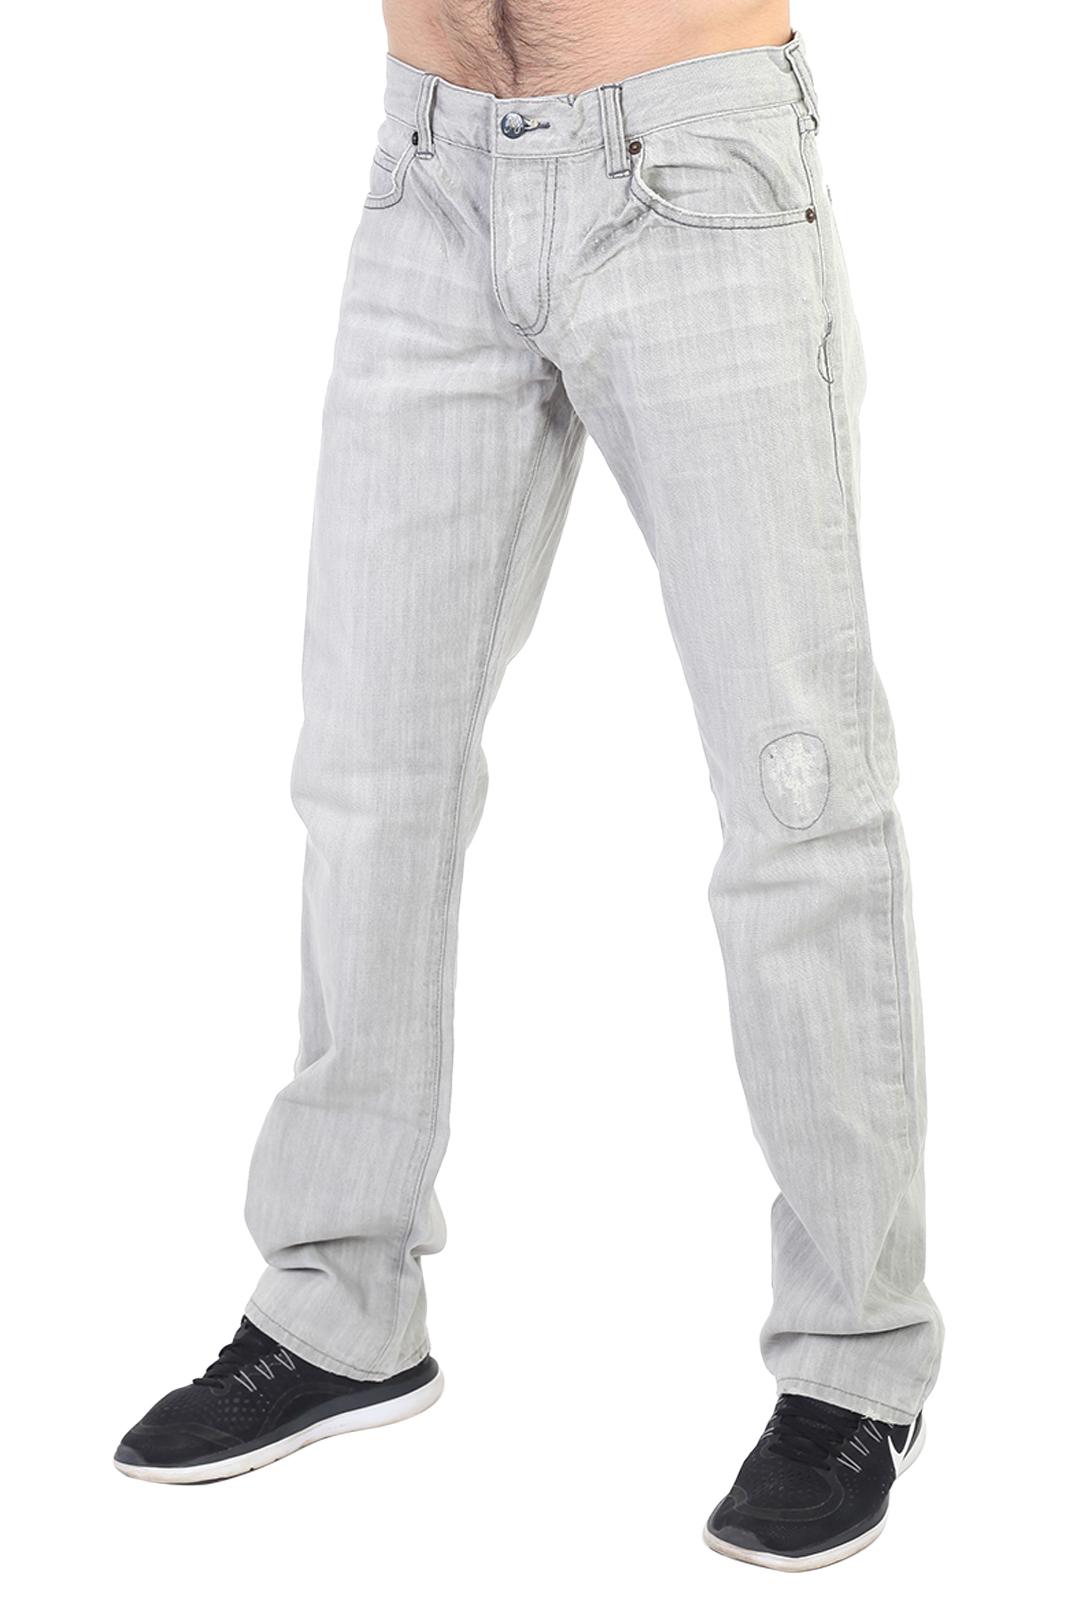 Купить стильные мужские джинсы на пуговицах